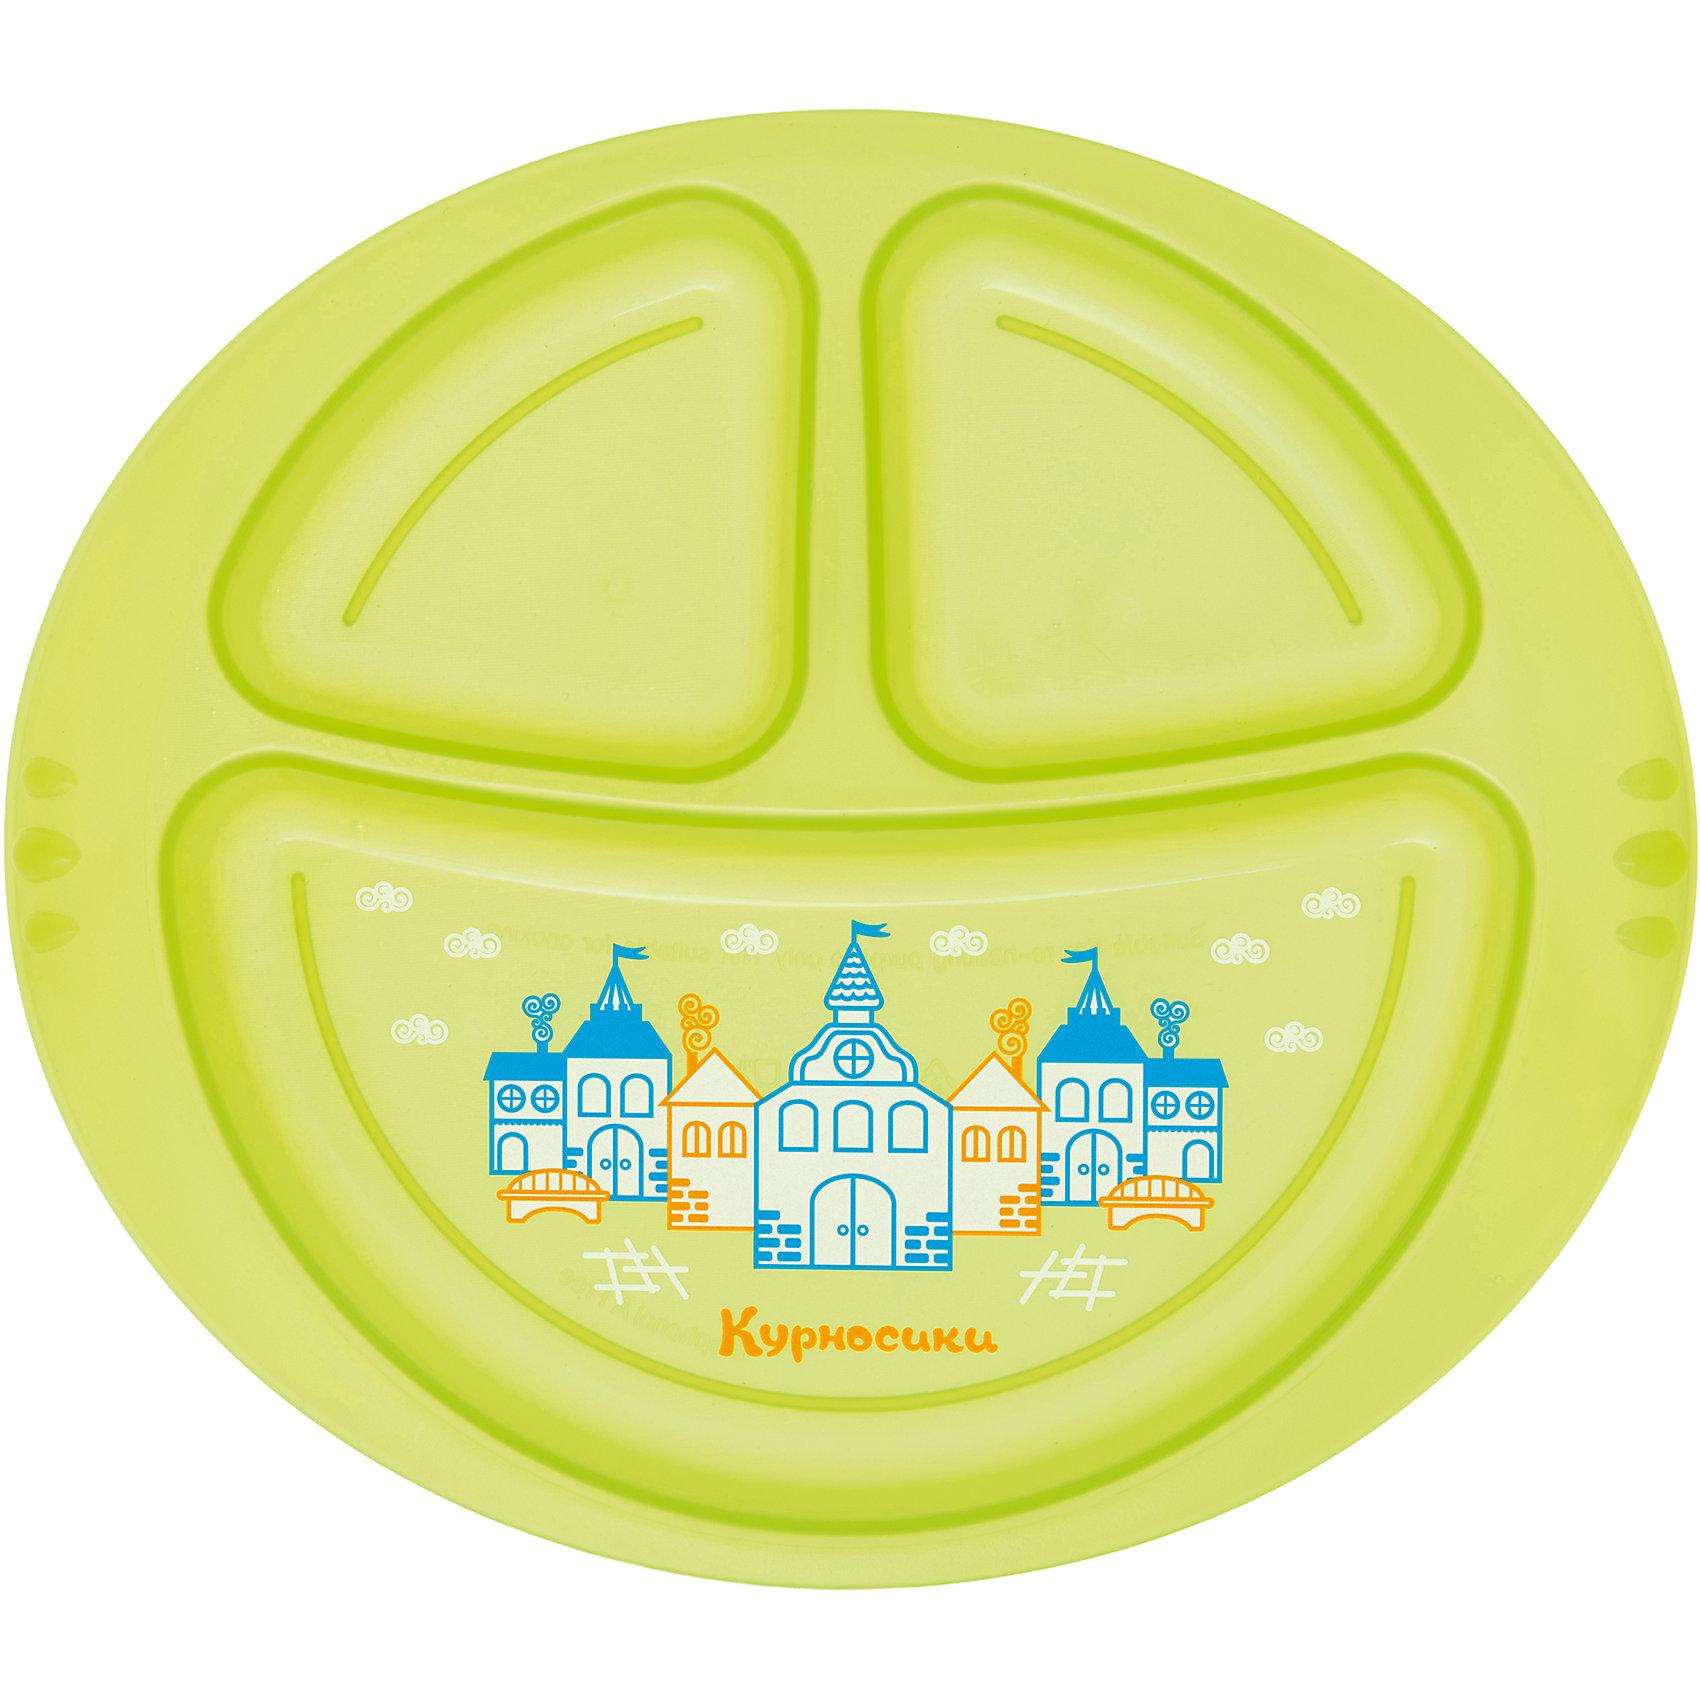 Тарелочка детская трехсекционная, Kurnosiki, зеленыйПосуда для малышей<br>Характеристики:<br><br>• Предназначение: для кормления<br>• Материал: пластик<br>• Пол: универсальный<br>• Цвет: зеленый<br>• Тематика рисунка: сказочный город<br>• Предусмотрено три секции<br>• Можно использовать как для холодных, так и для горячих блюд<br>• Можно использовать для СВЧ<br>• Вес: 90 г<br>• Параметры (Д*Ш*В): 25*3*19 см <br>• Особенности ухода: разрешается мыть в посудомоечной машине<br><br>Тарелочка детская трехсекционная, Kurnosiki, зеленый выполнена из безопасного и ударопрочного пластика, устойчивого к появлению царапин и сколов. Три секции позволяют использовать тарелочку для различных блюд одновременно. Секции глубокие с высокими перегородками, что будет препятствовать смешиванию различных блюд.<br><br> Дно самой большой секции оформлено сюжетной картинкой с изображением сказочного города. Изделие выполнено в ярком цвете, имеет компактный размер и легкий вес, поэтому его удобно брать с собой в длительные поездки, на пикники или в путешествия. <br><br>Тарелочку детскую трехсекционную, Kurnosiki, зеленый можно купить в нашем интернет-магазине.<br><br>Ширина мм: 210<br>Глубина мм: 30<br>Высота мм: 230<br>Вес г: 106<br>Возраст от месяцев: 4<br>Возраст до месяцев: 36<br>Пол: Унисекс<br>Возраст: Детский<br>SKU: 5428726